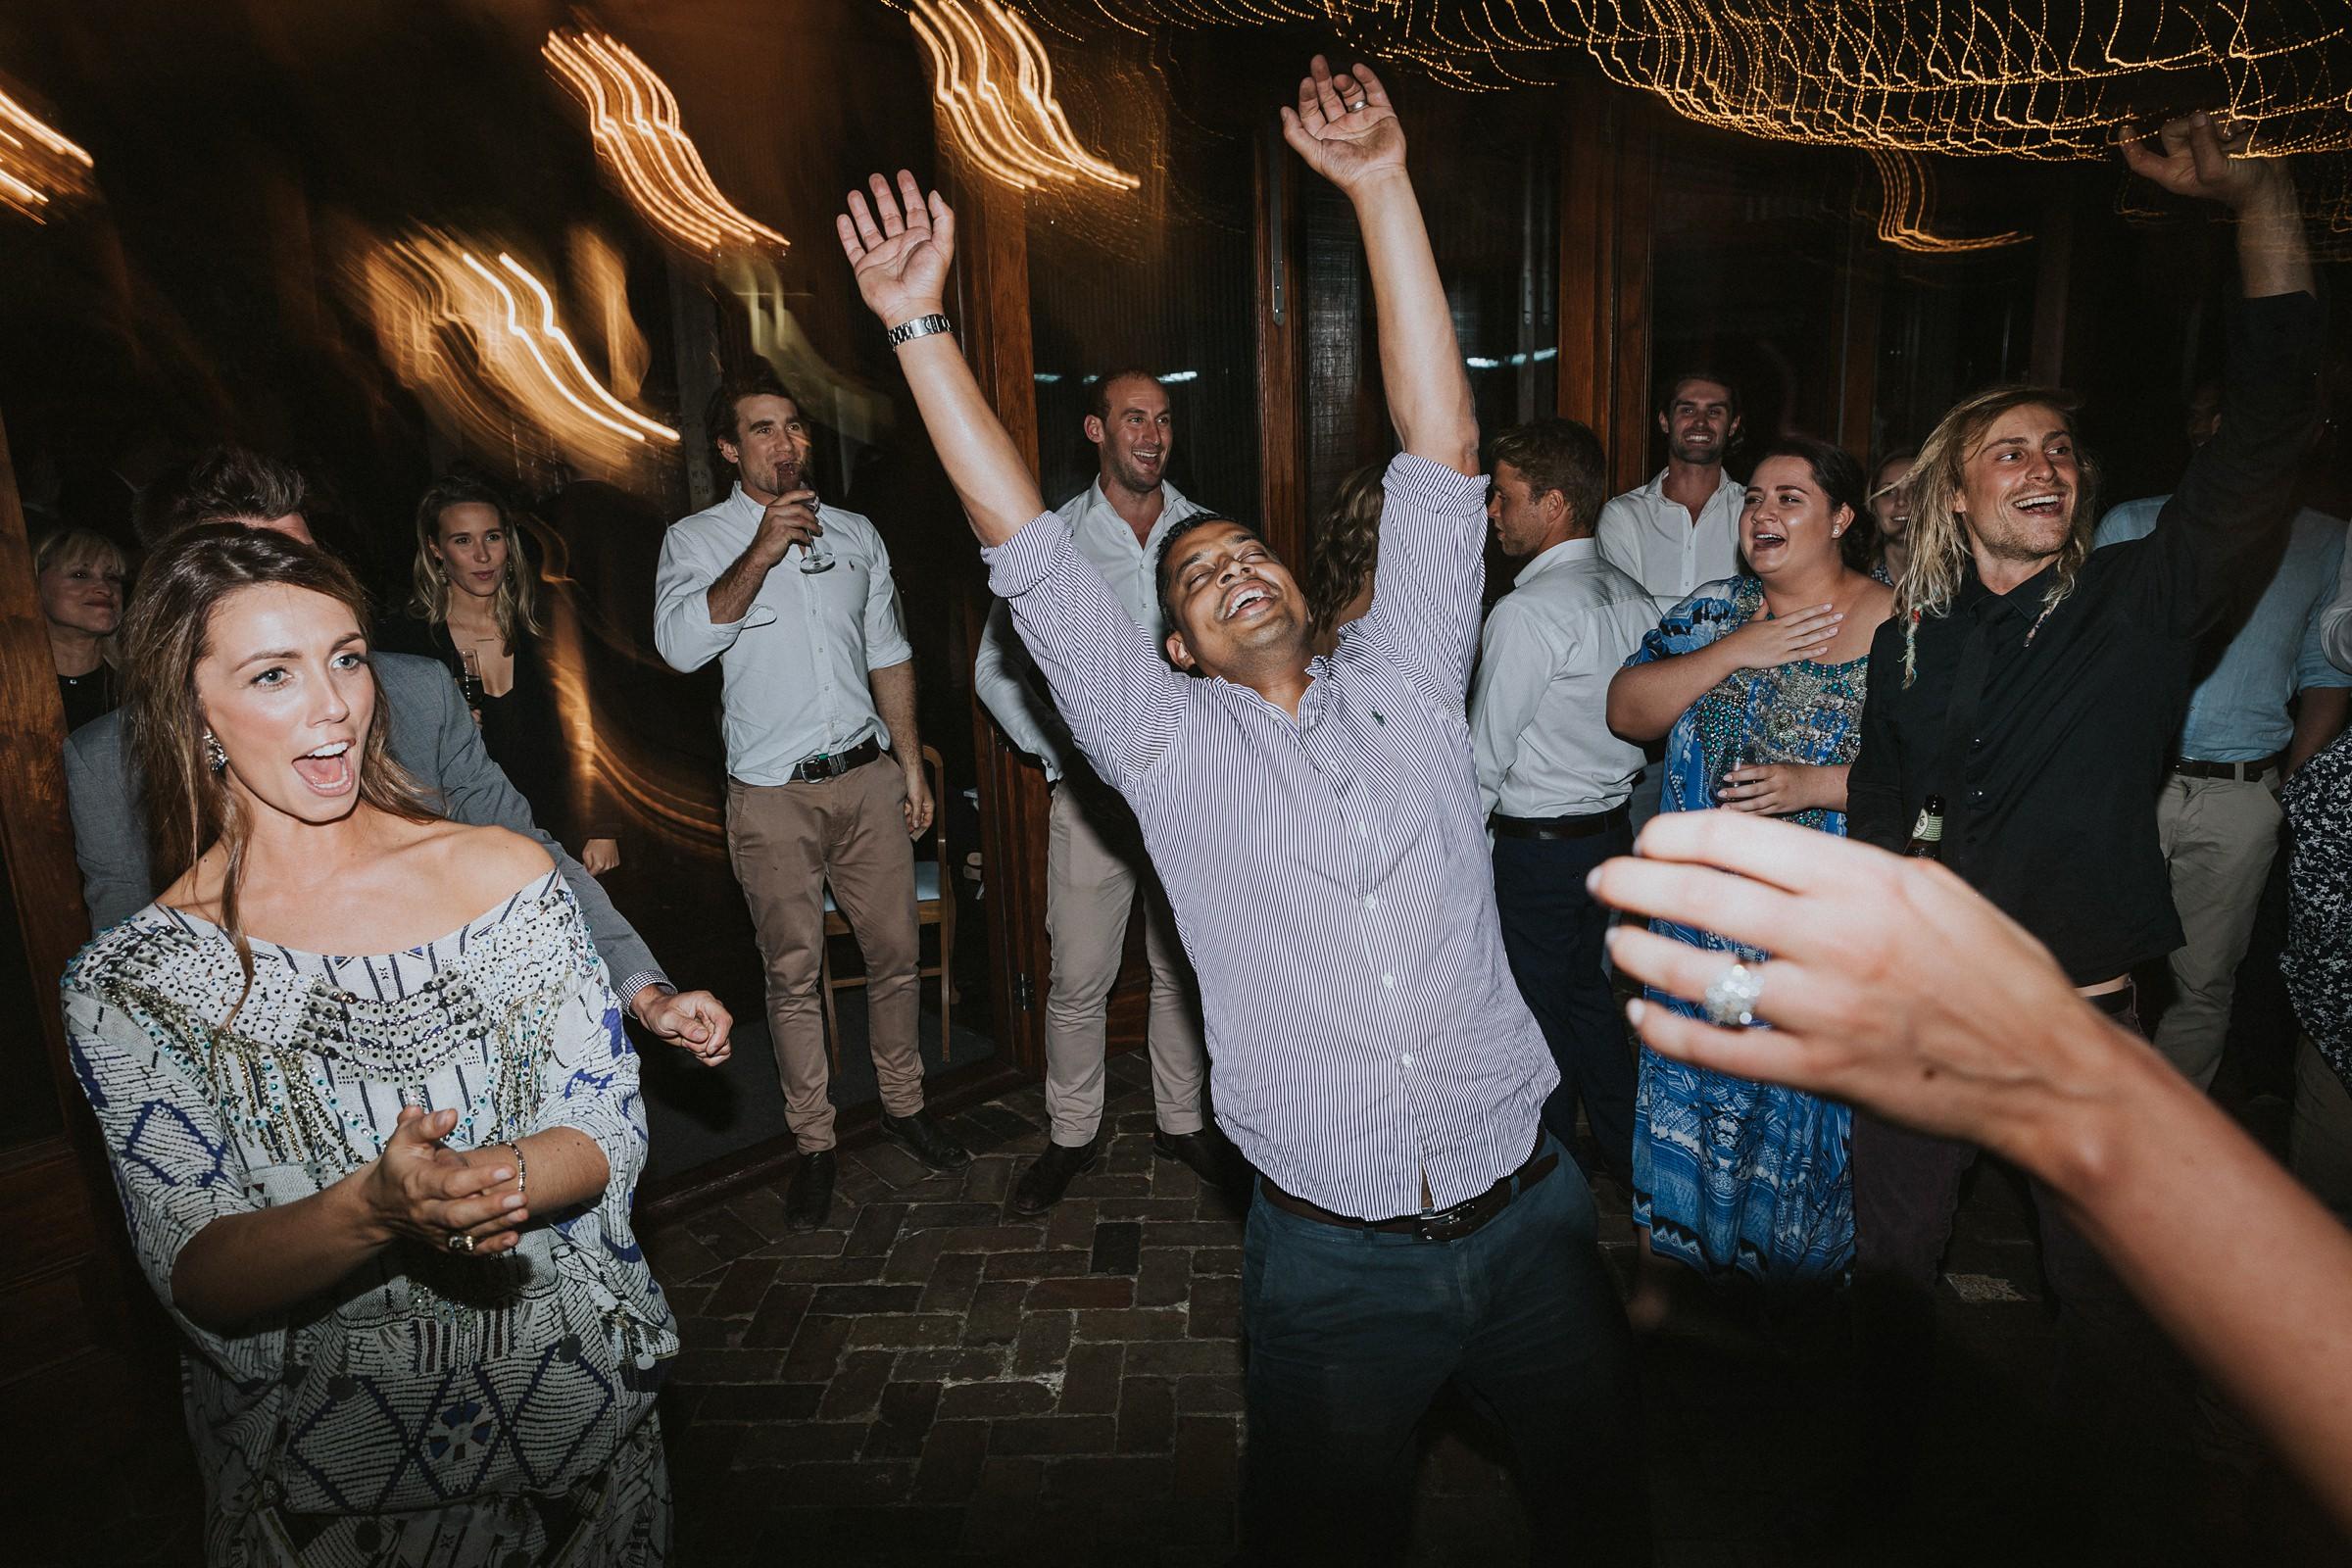 mali brae farm wedding reception dancing